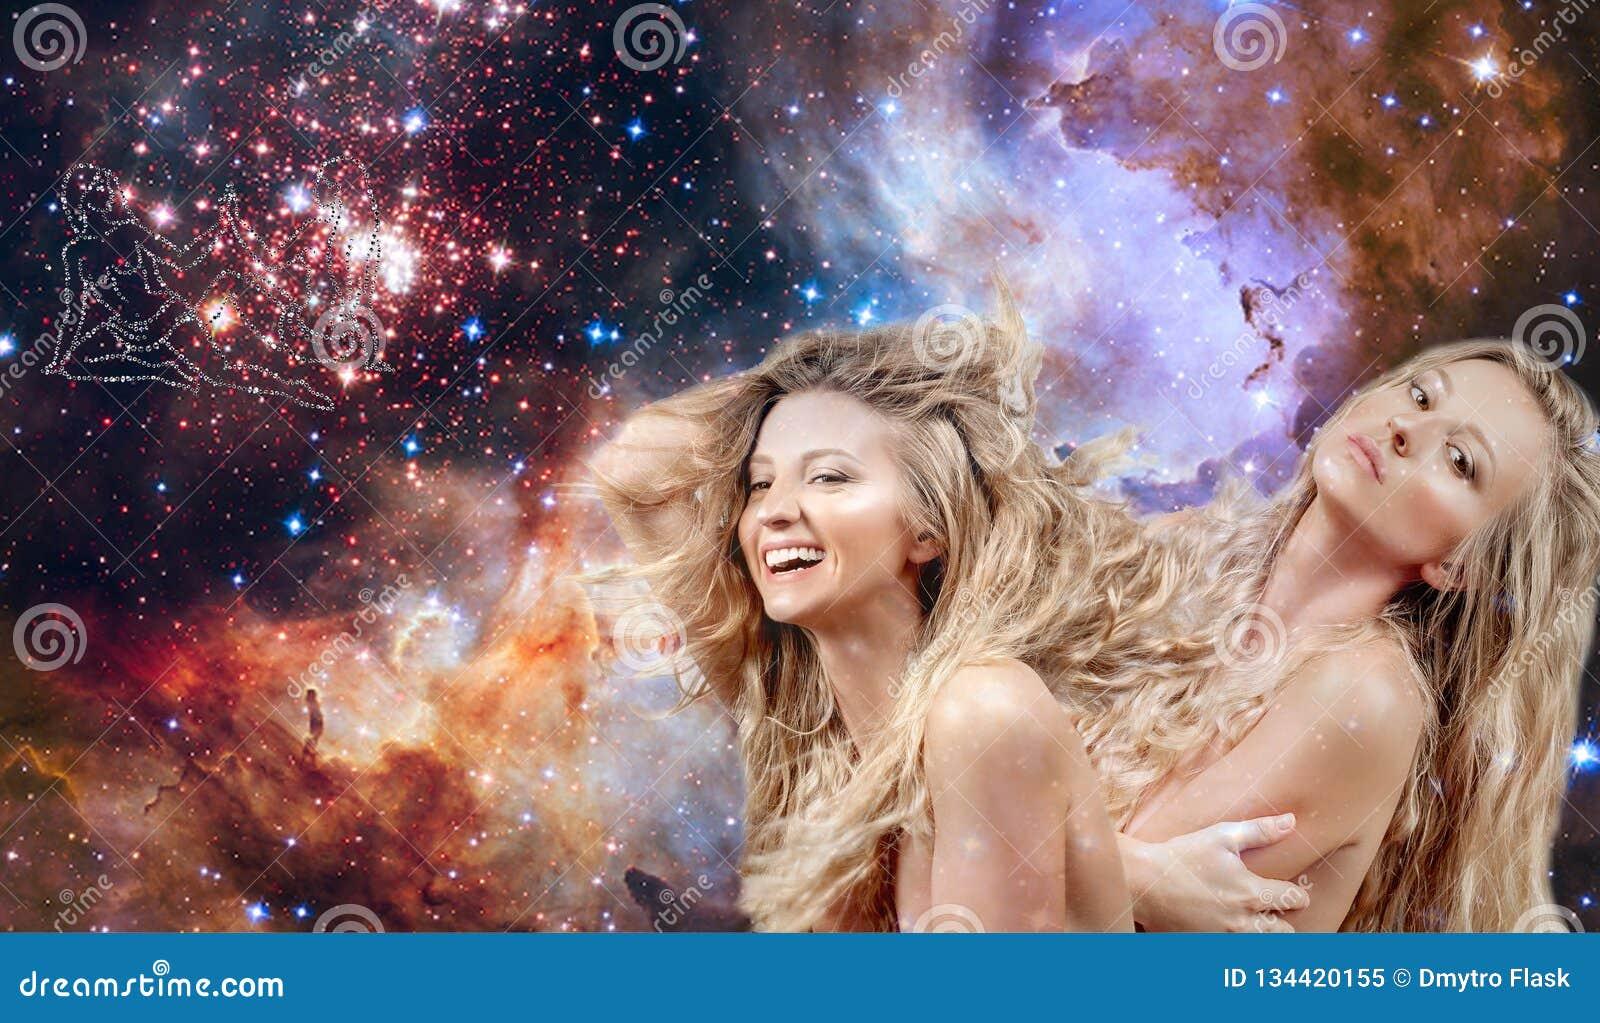 双子星座黄道带标志 占星术和占星,星系背景的美女双子星座